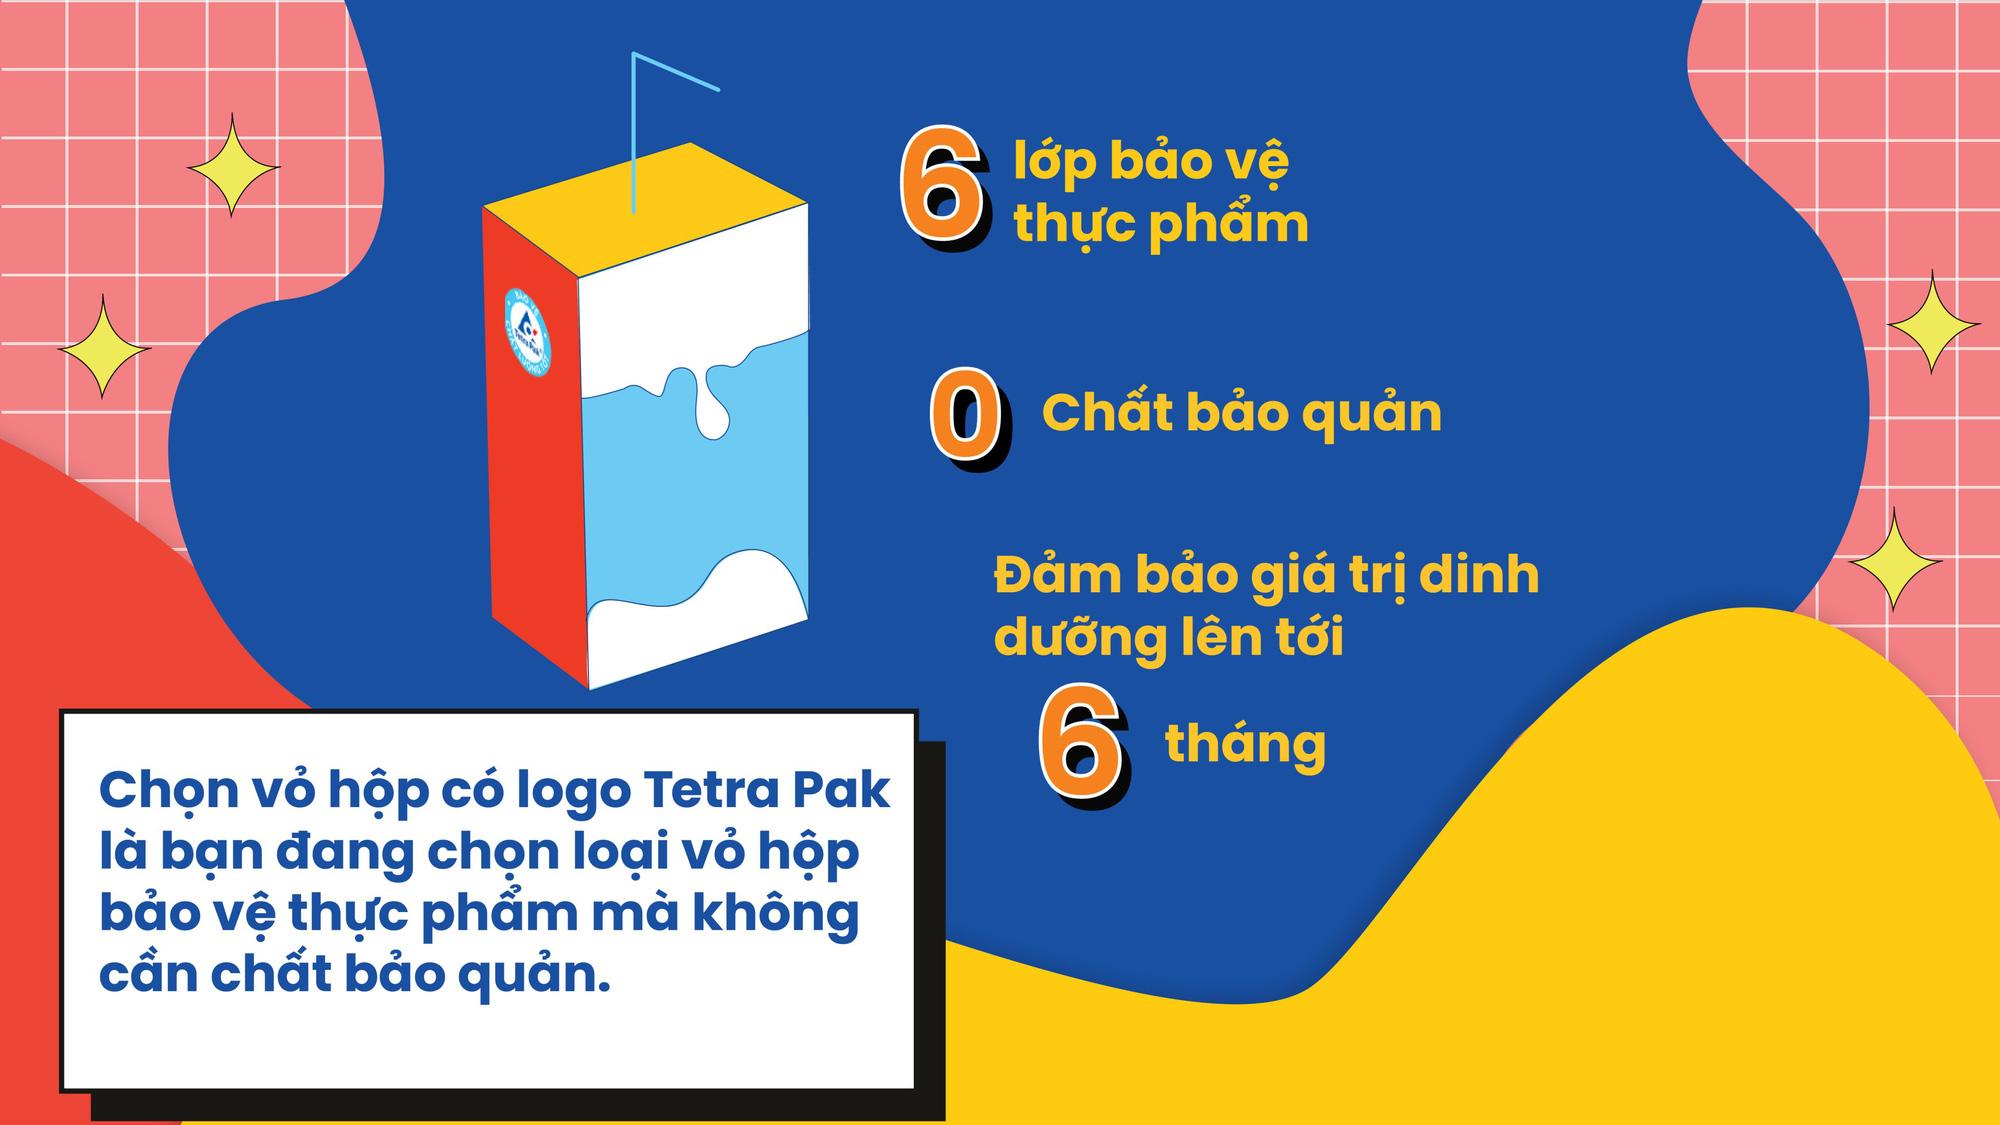 3 lý do vì sao nên chọn đồ uống đựng trong hộp giấy - Ảnh 1.